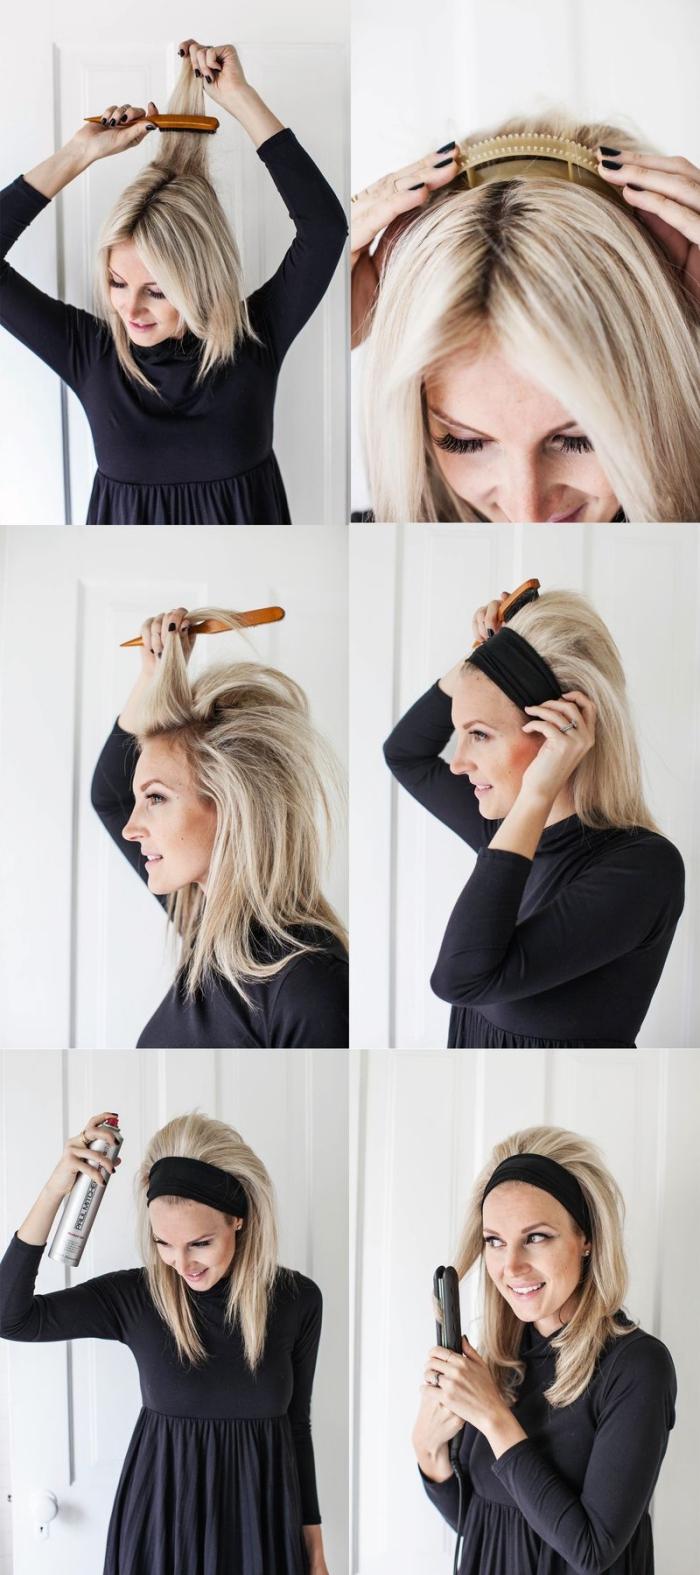 étapes à suivre pour faire une coiffure facile sur cheveux longs et raids, cheveux blond cendré avec ruban noir